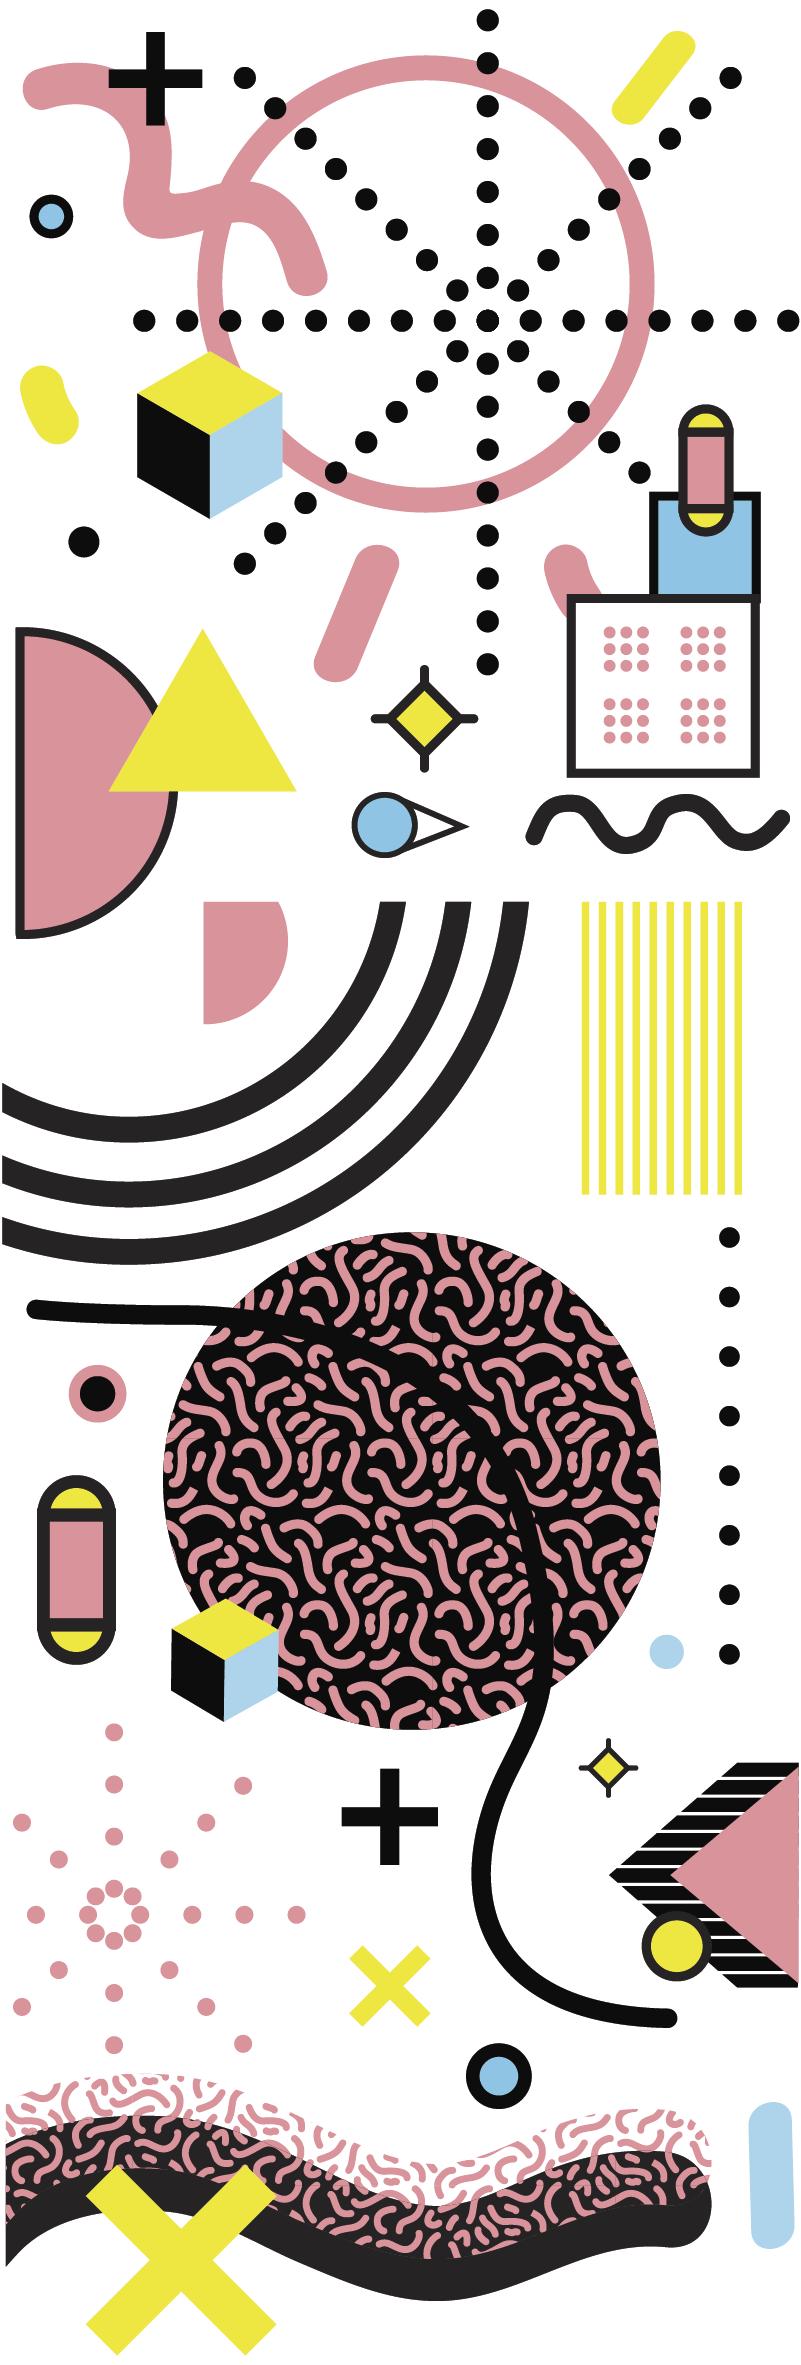 TenStickers. Sticker Maison Porte de style Memphis. Ce sticker porte est composé de motifs abstraits, pour une décoration surprenante et moderne dans n'importe quelle pièce de votre intérieur.